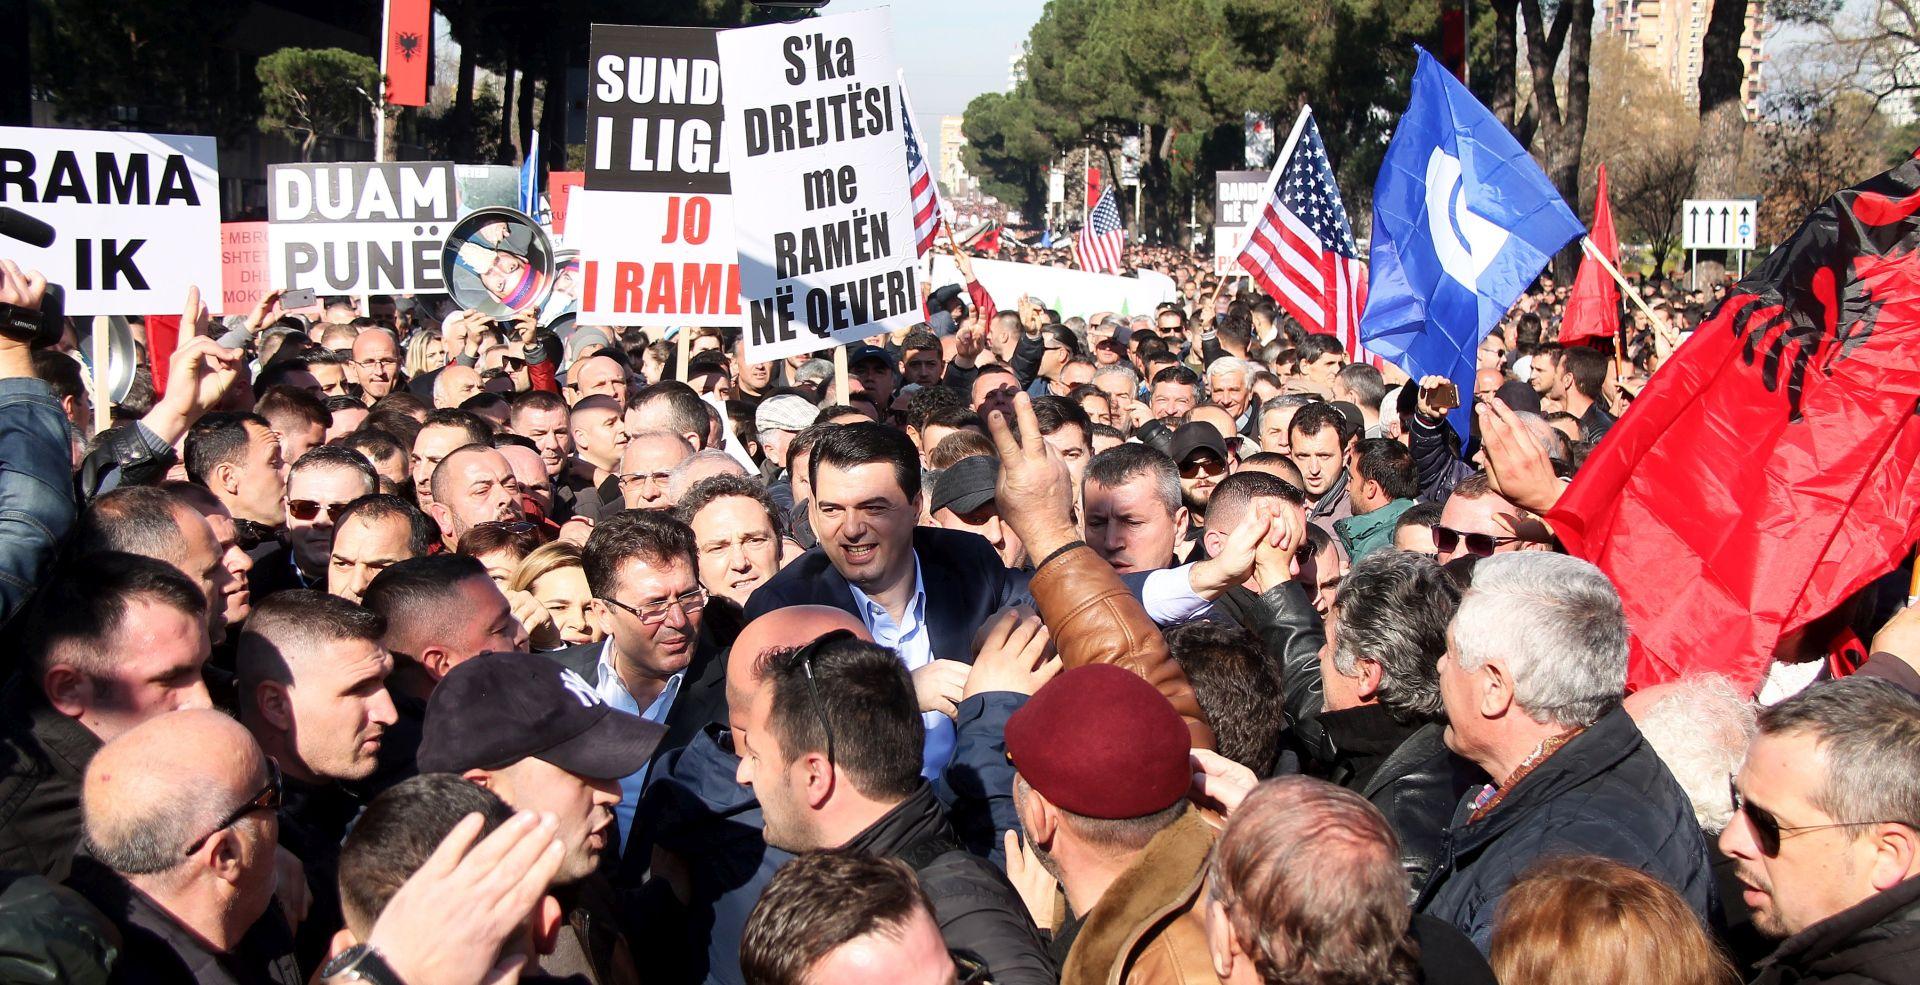 Tisuće prosvjednika u Albaniji traže ostavku vlade premijera Rame